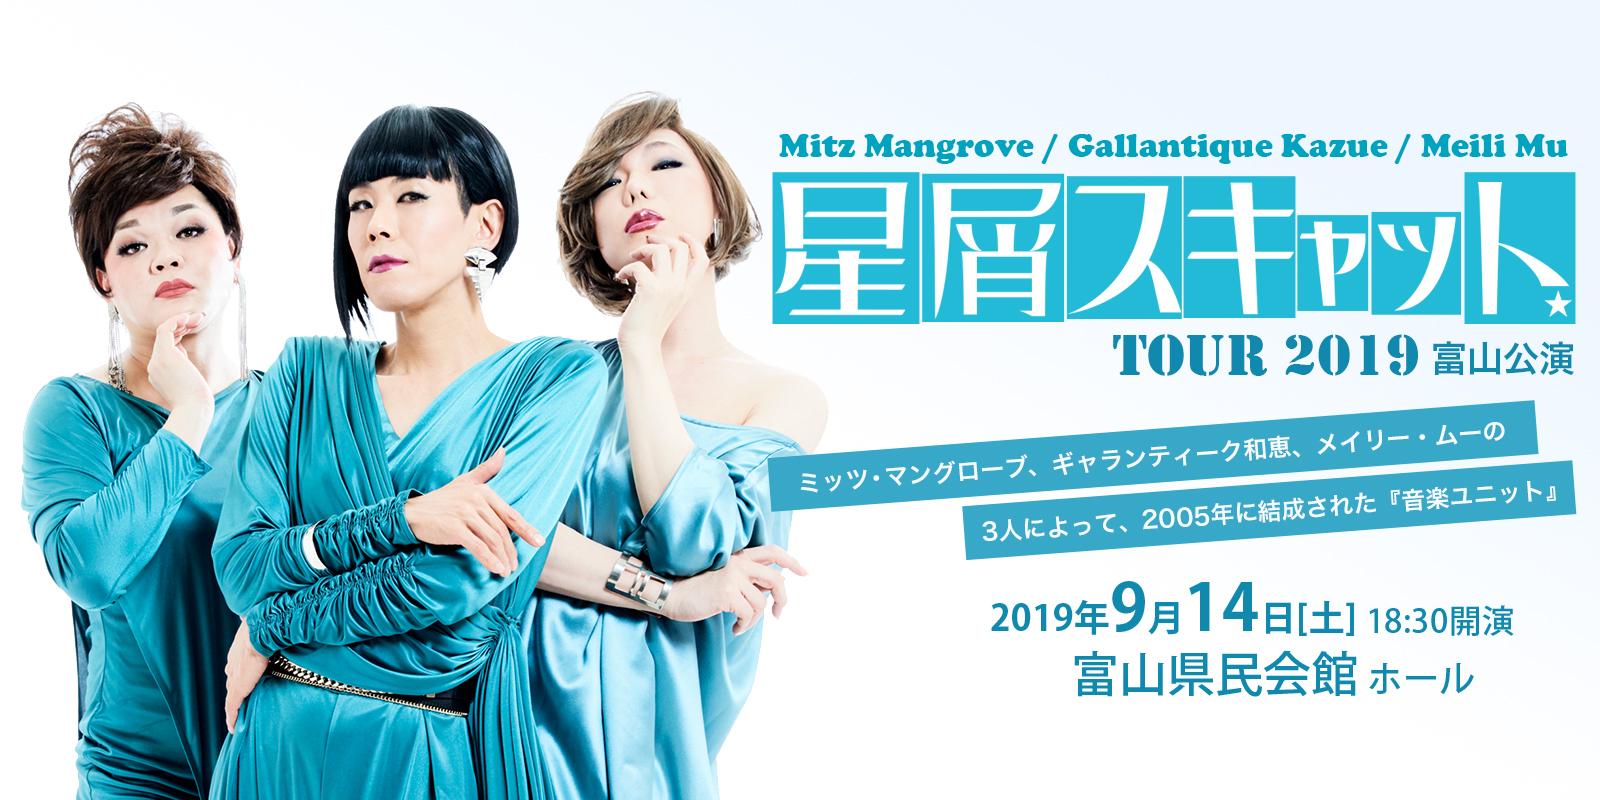 「 星屑スキャット」コンサートツアー2019 富山公演